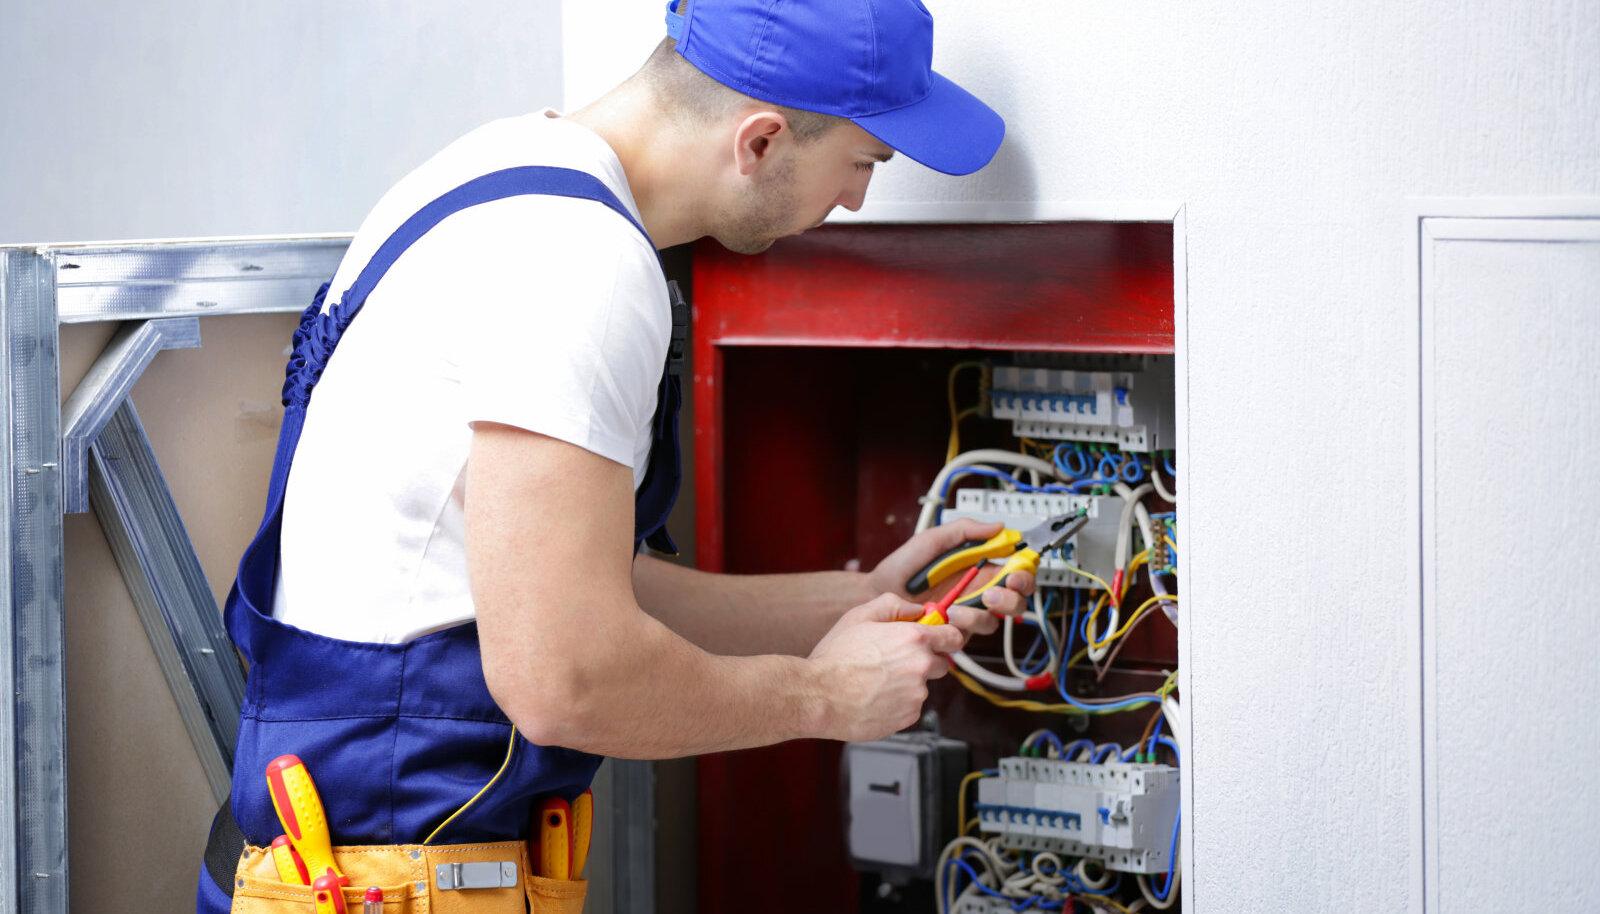 Käidukorraldaja on füüsiline isik, kes omab elektrialast pädevust.